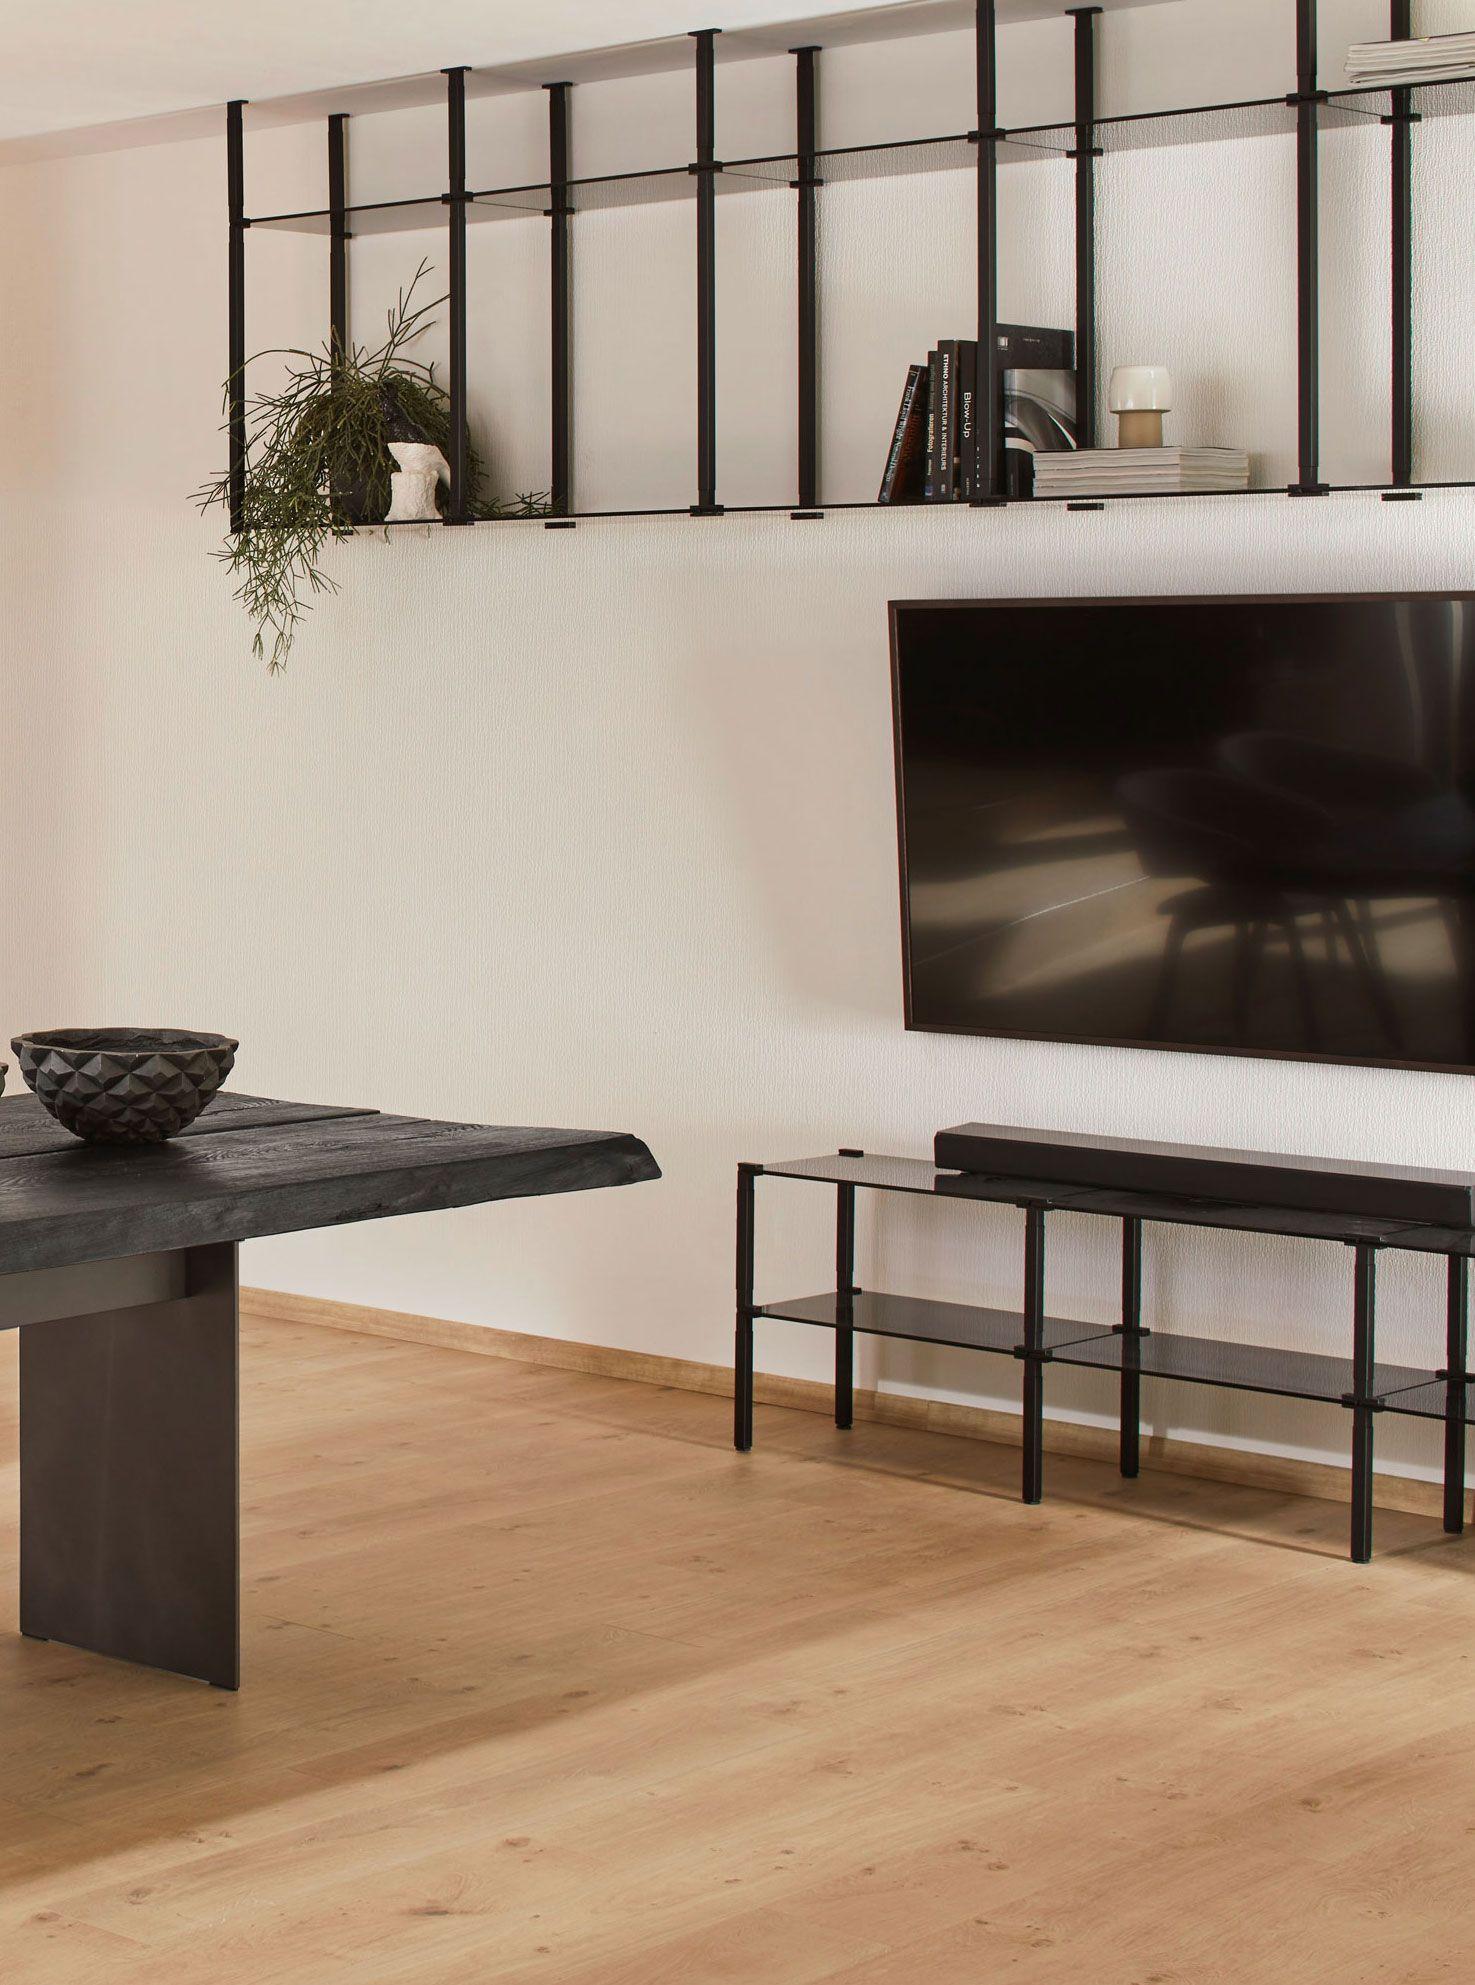 Wohnzimmer Interior Mobel Regal Furniture Design